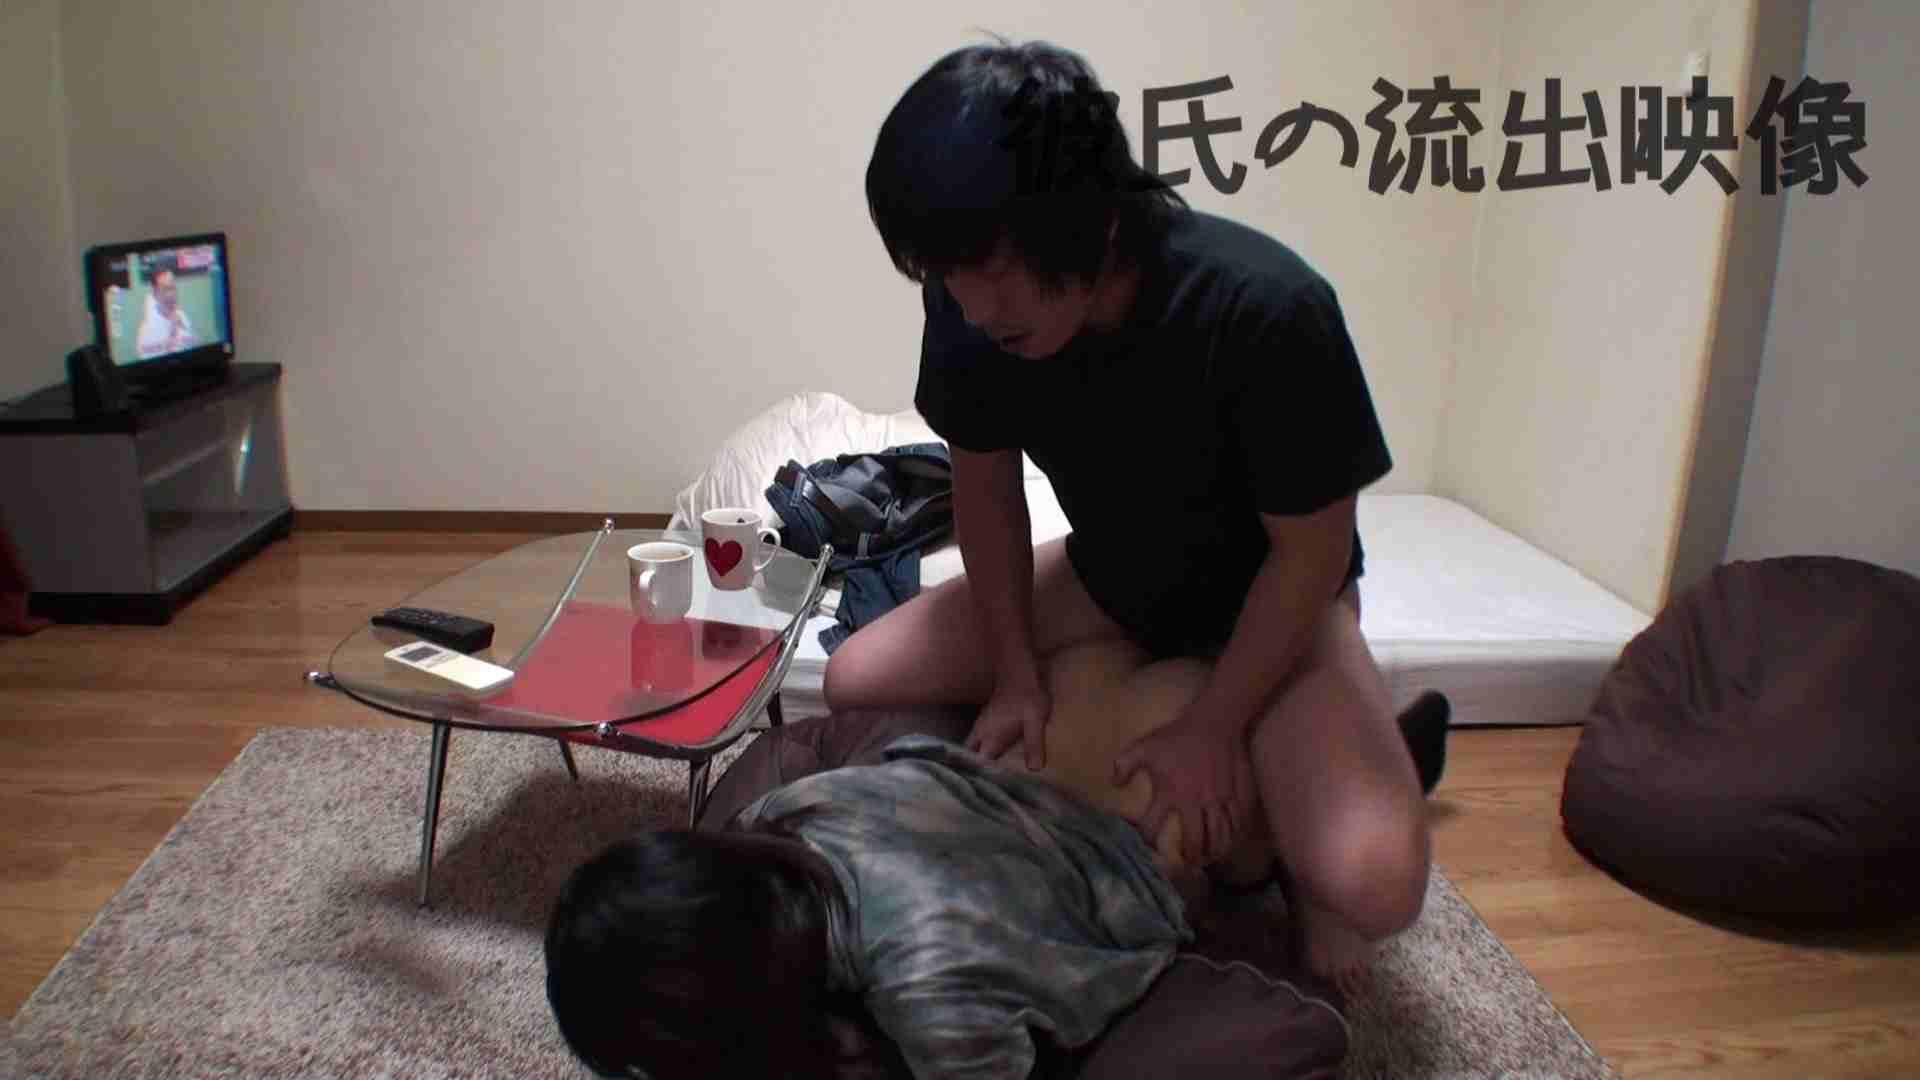 彼氏が流出 パイパン素人嬢のハメ撮り映像02 一般投稿 | ギャル達のSEX  61画像 50